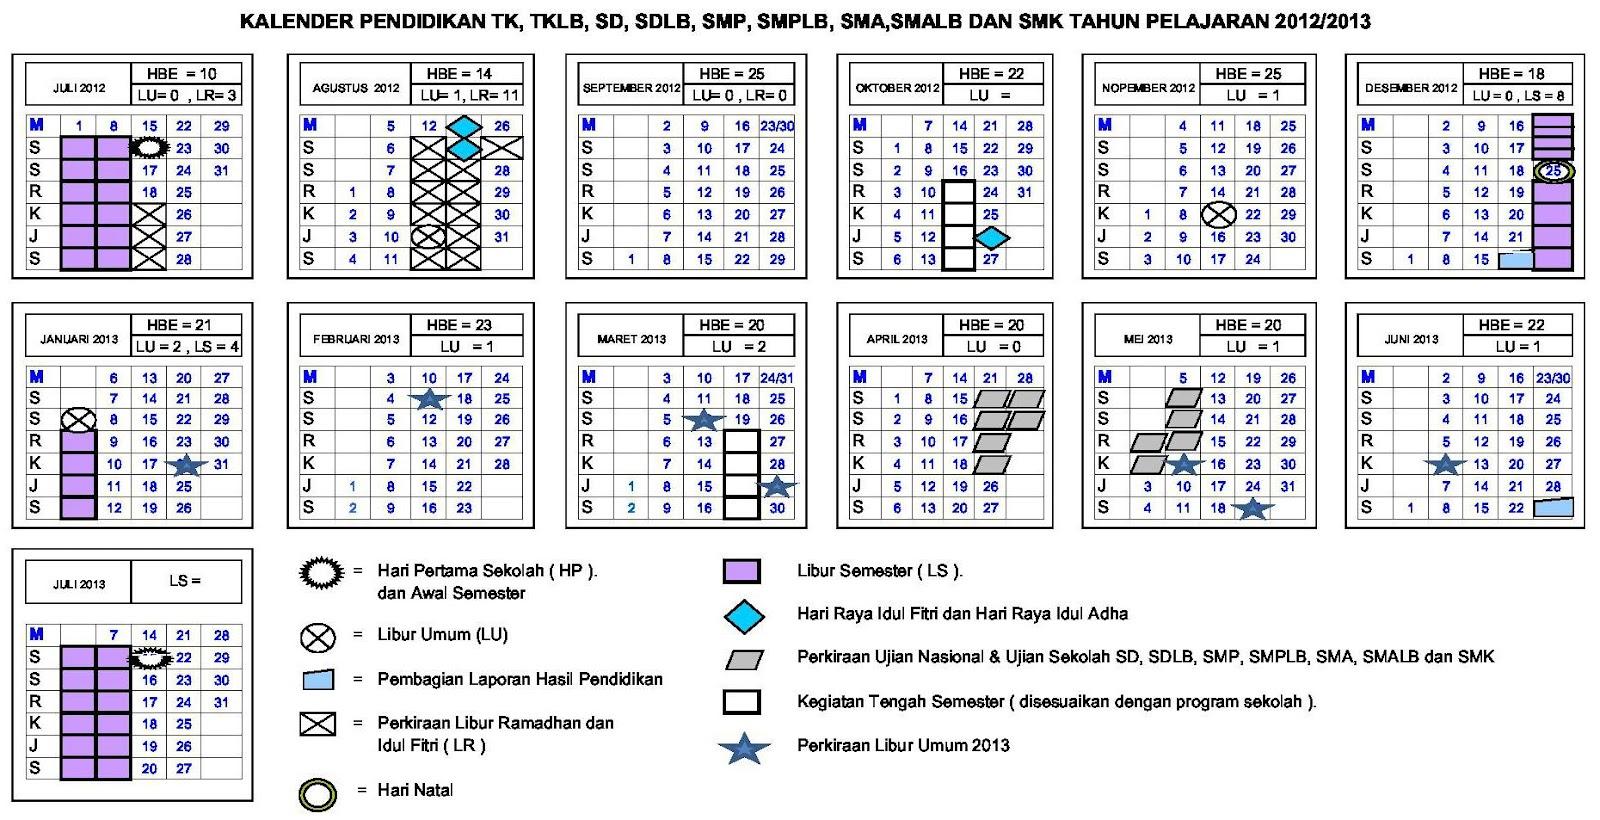 Kalender Pendidikan Tahun 2012 ~ 2013